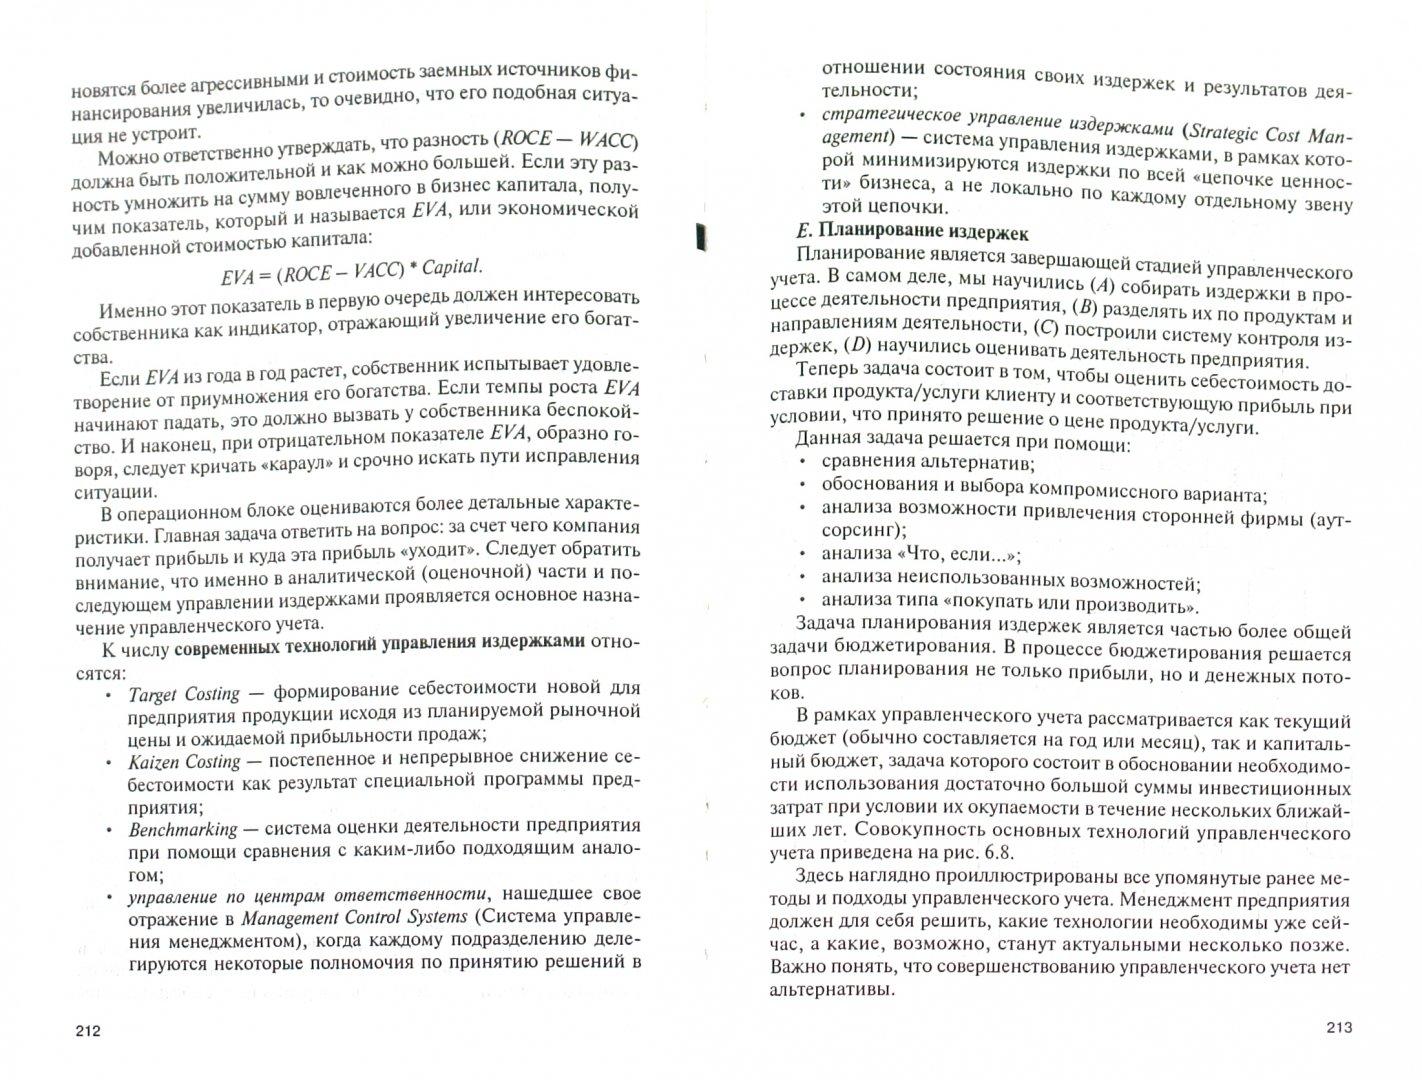 Иллюстрация 1 из 8 для Менеджмент - Дорофеев, Шмелева, Шестопал | Лабиринт - книги. Источник: Лабиринт